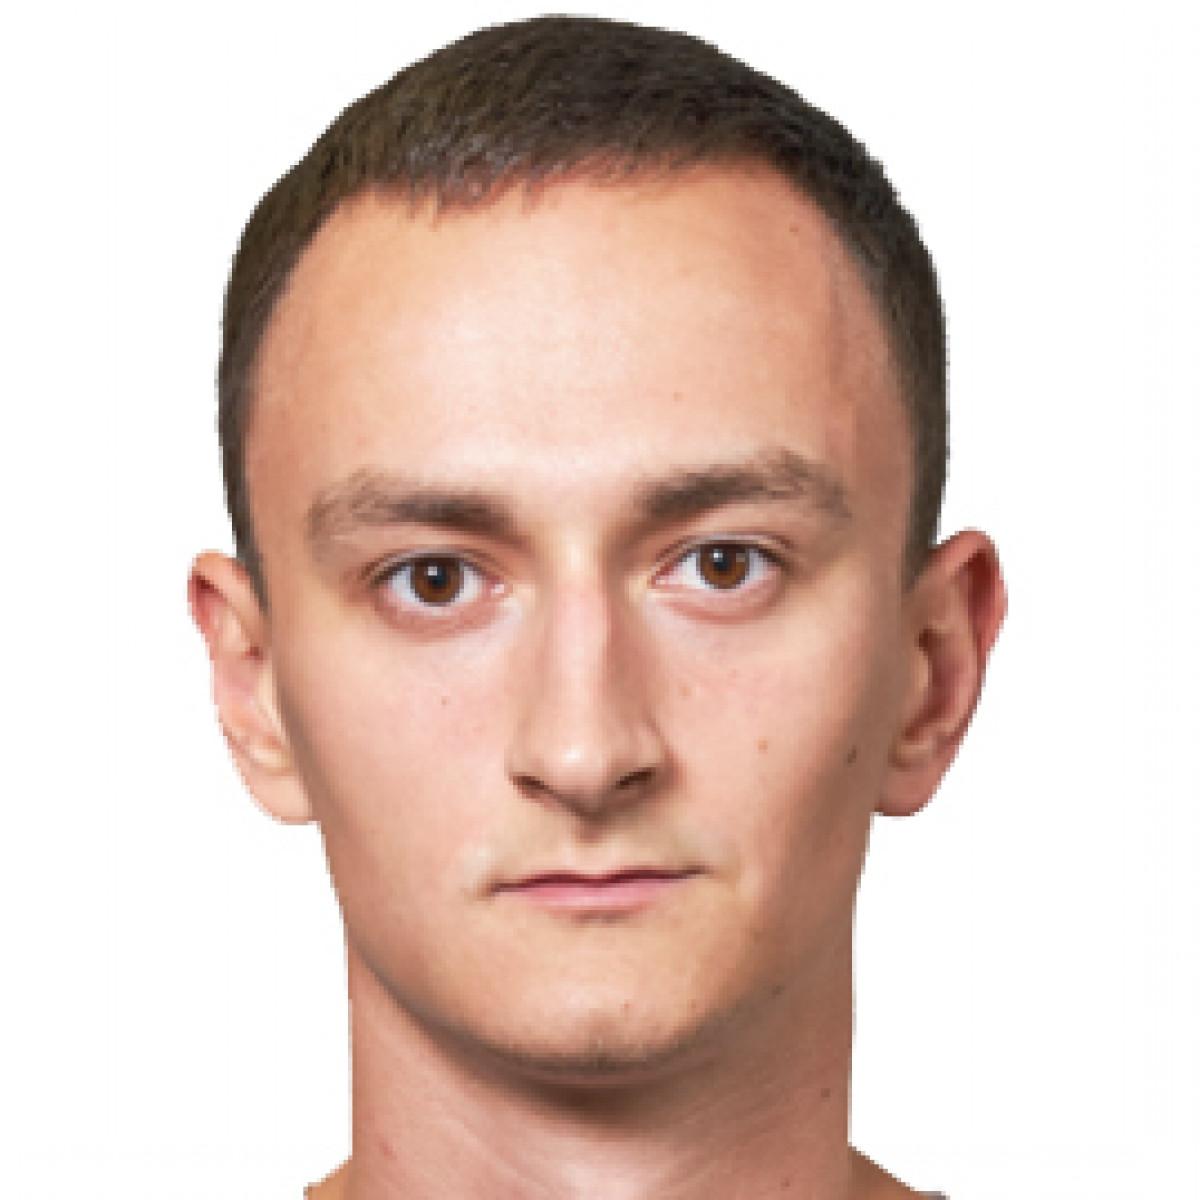 Lukas Kanturek